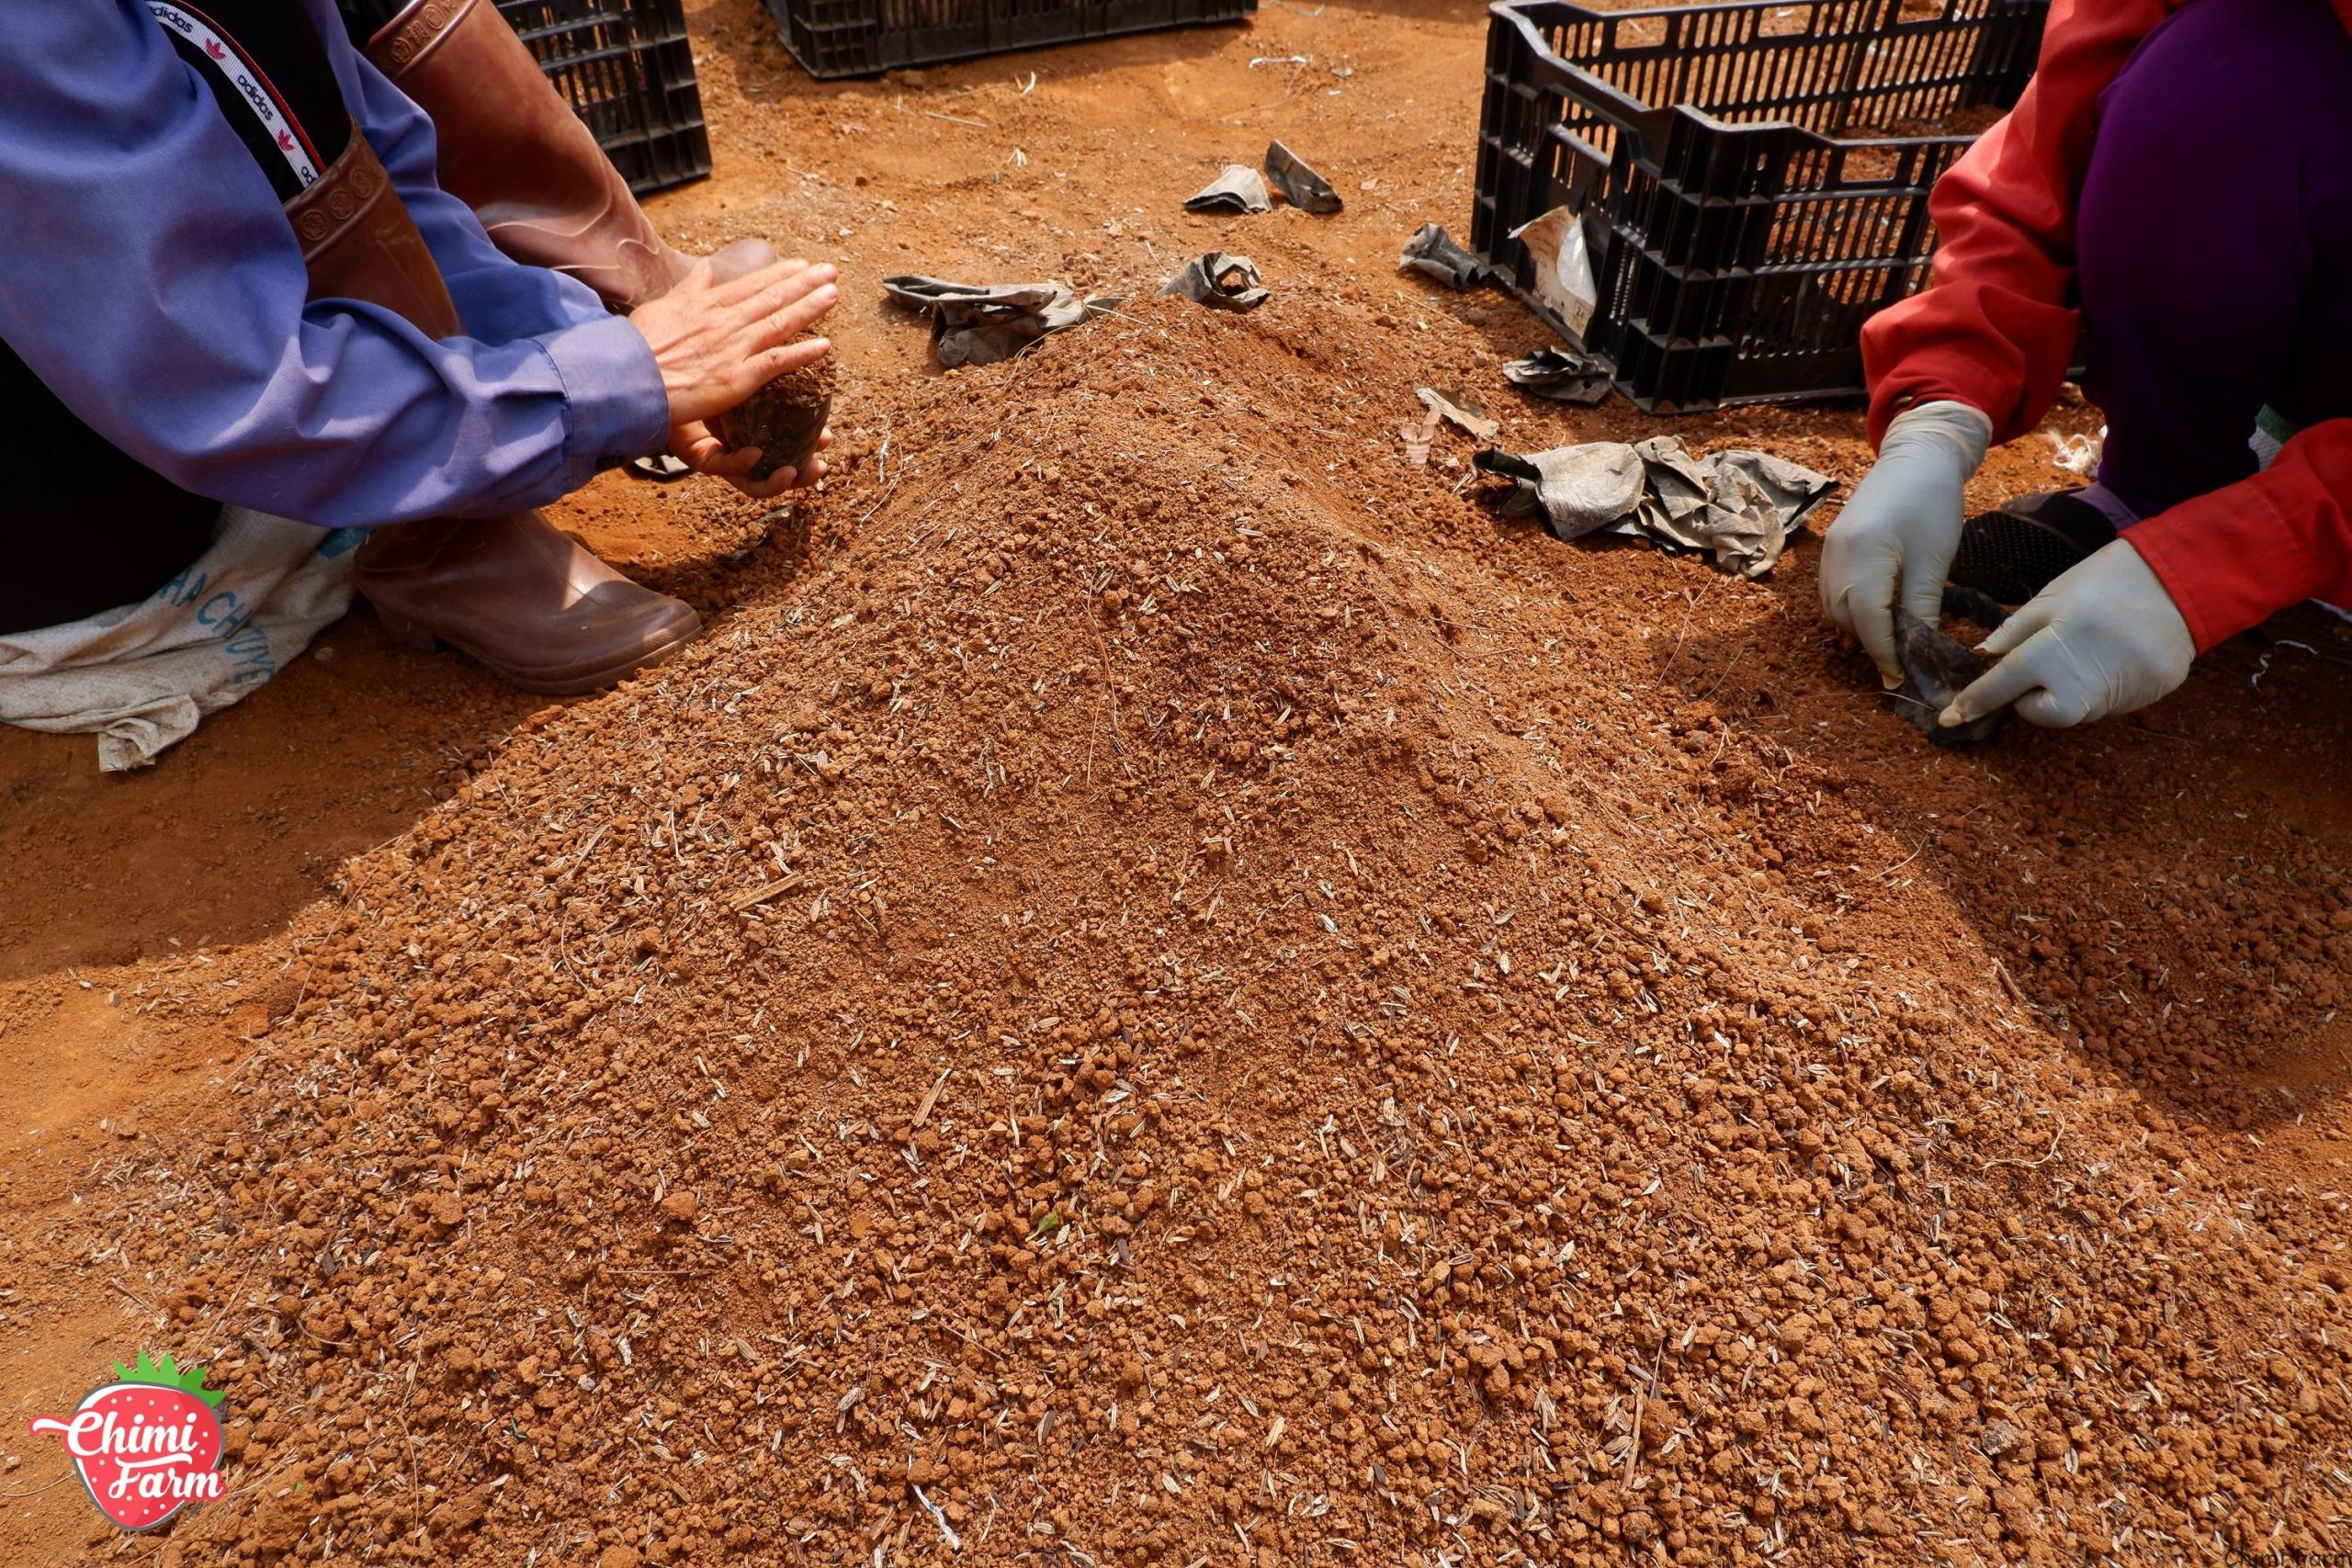 Hướng dẫn cách trồng dâu tây tai miền Bắc Mua cây dâu tây giống hana 082989110